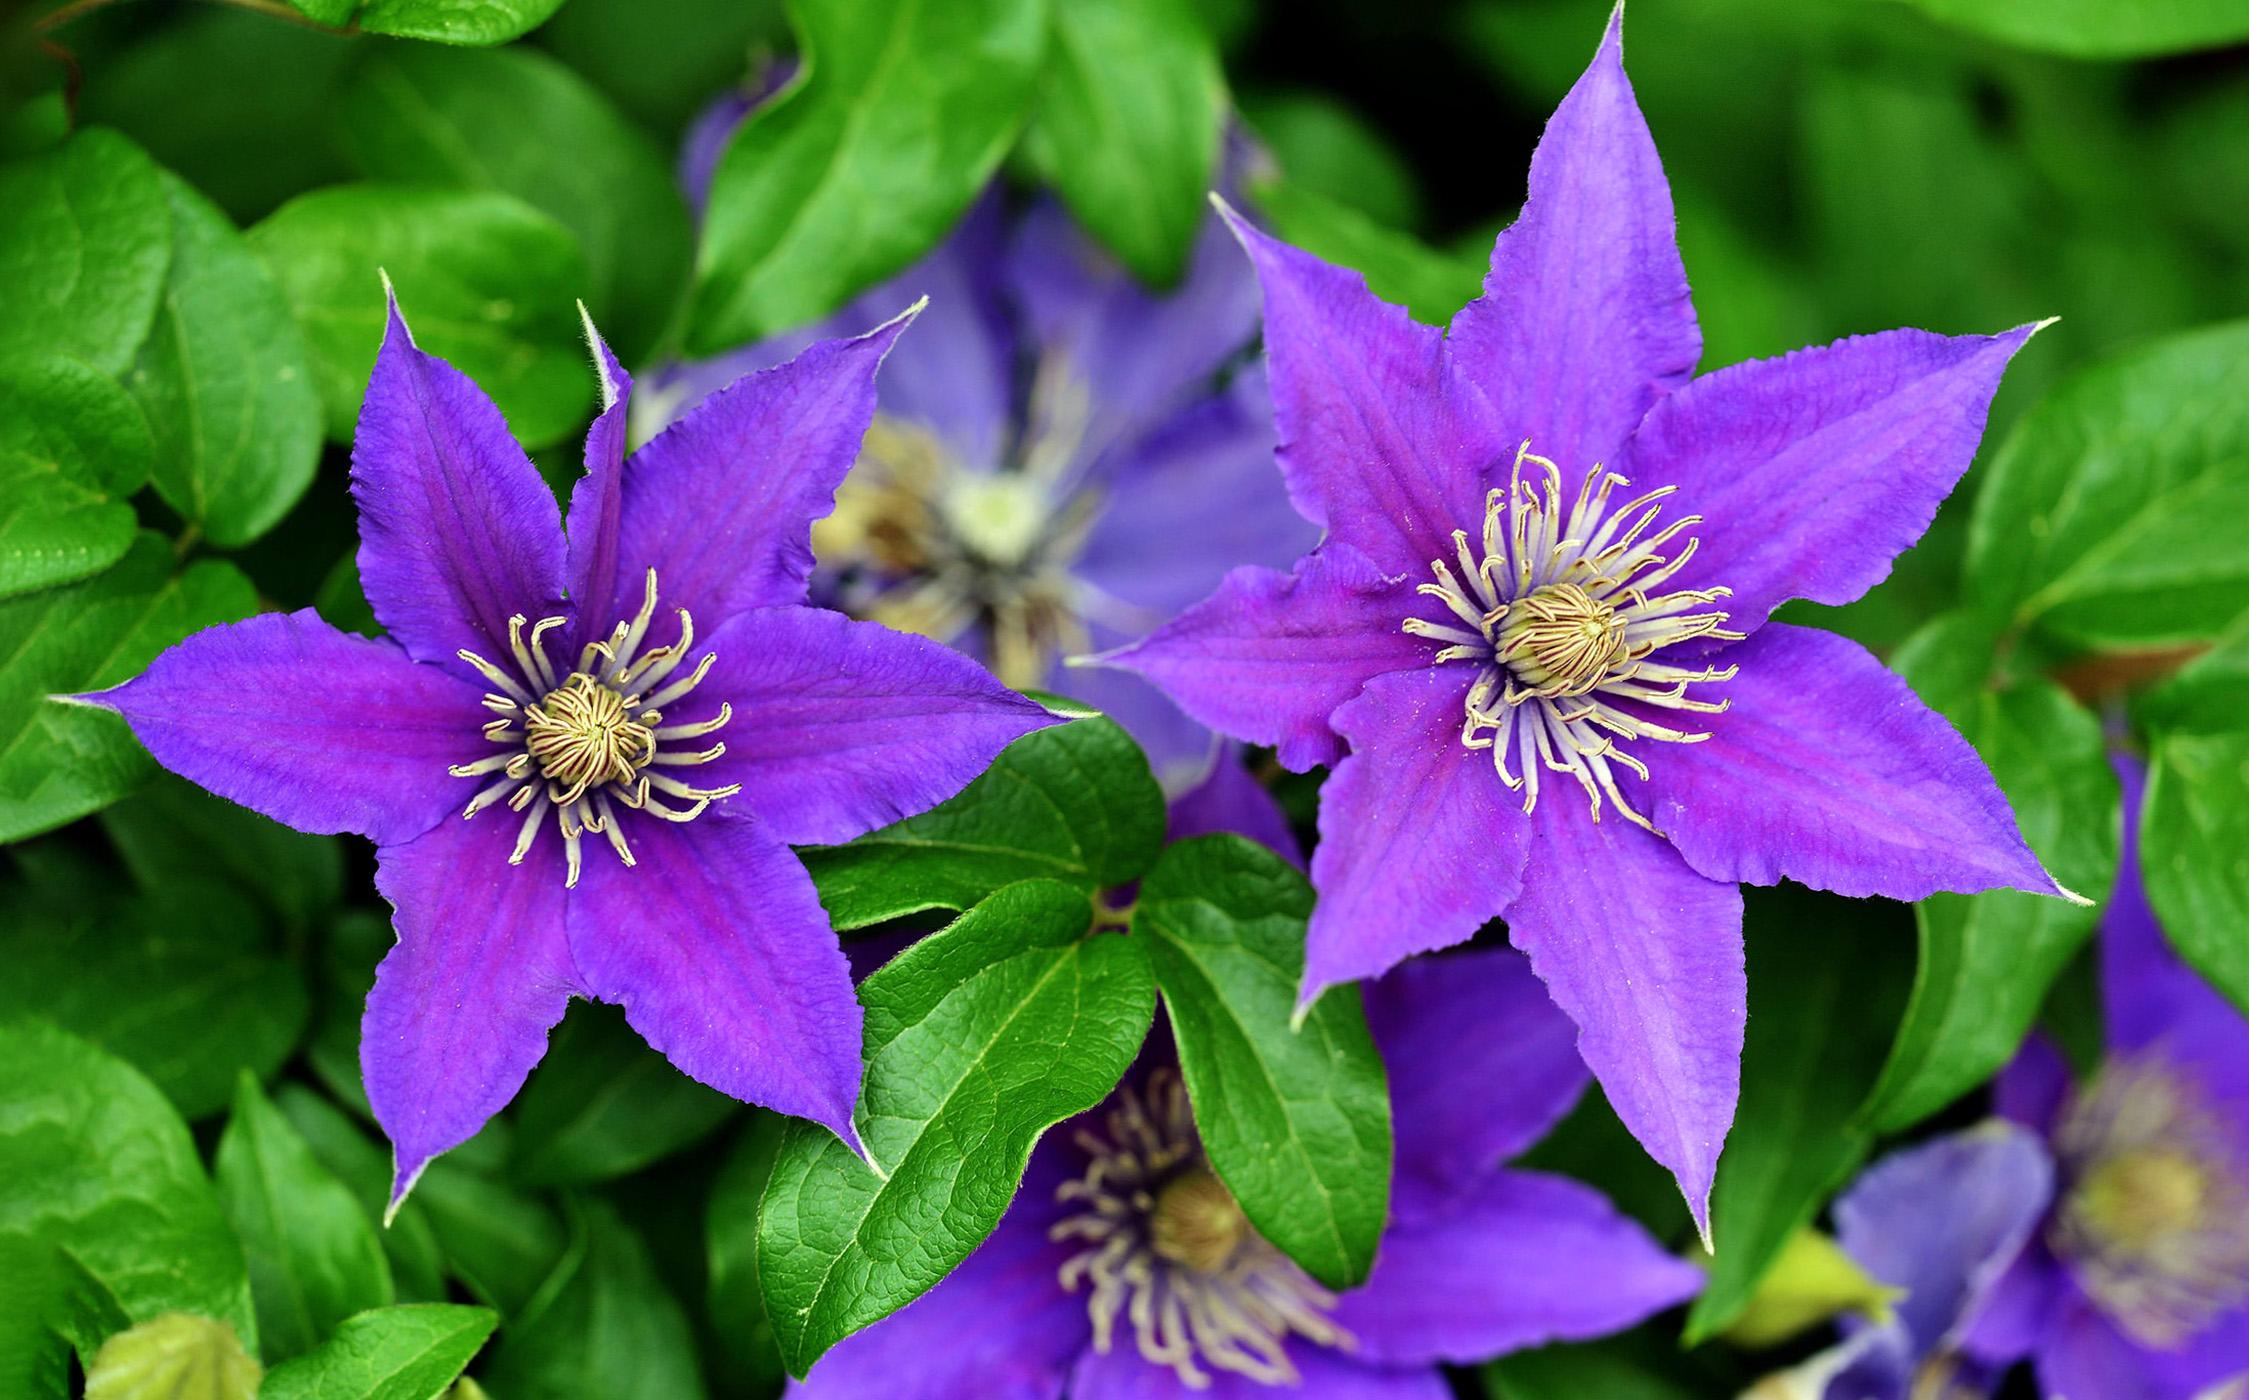 Gėlė raganė (Melsvai violetiniai vijoklio žiedai)